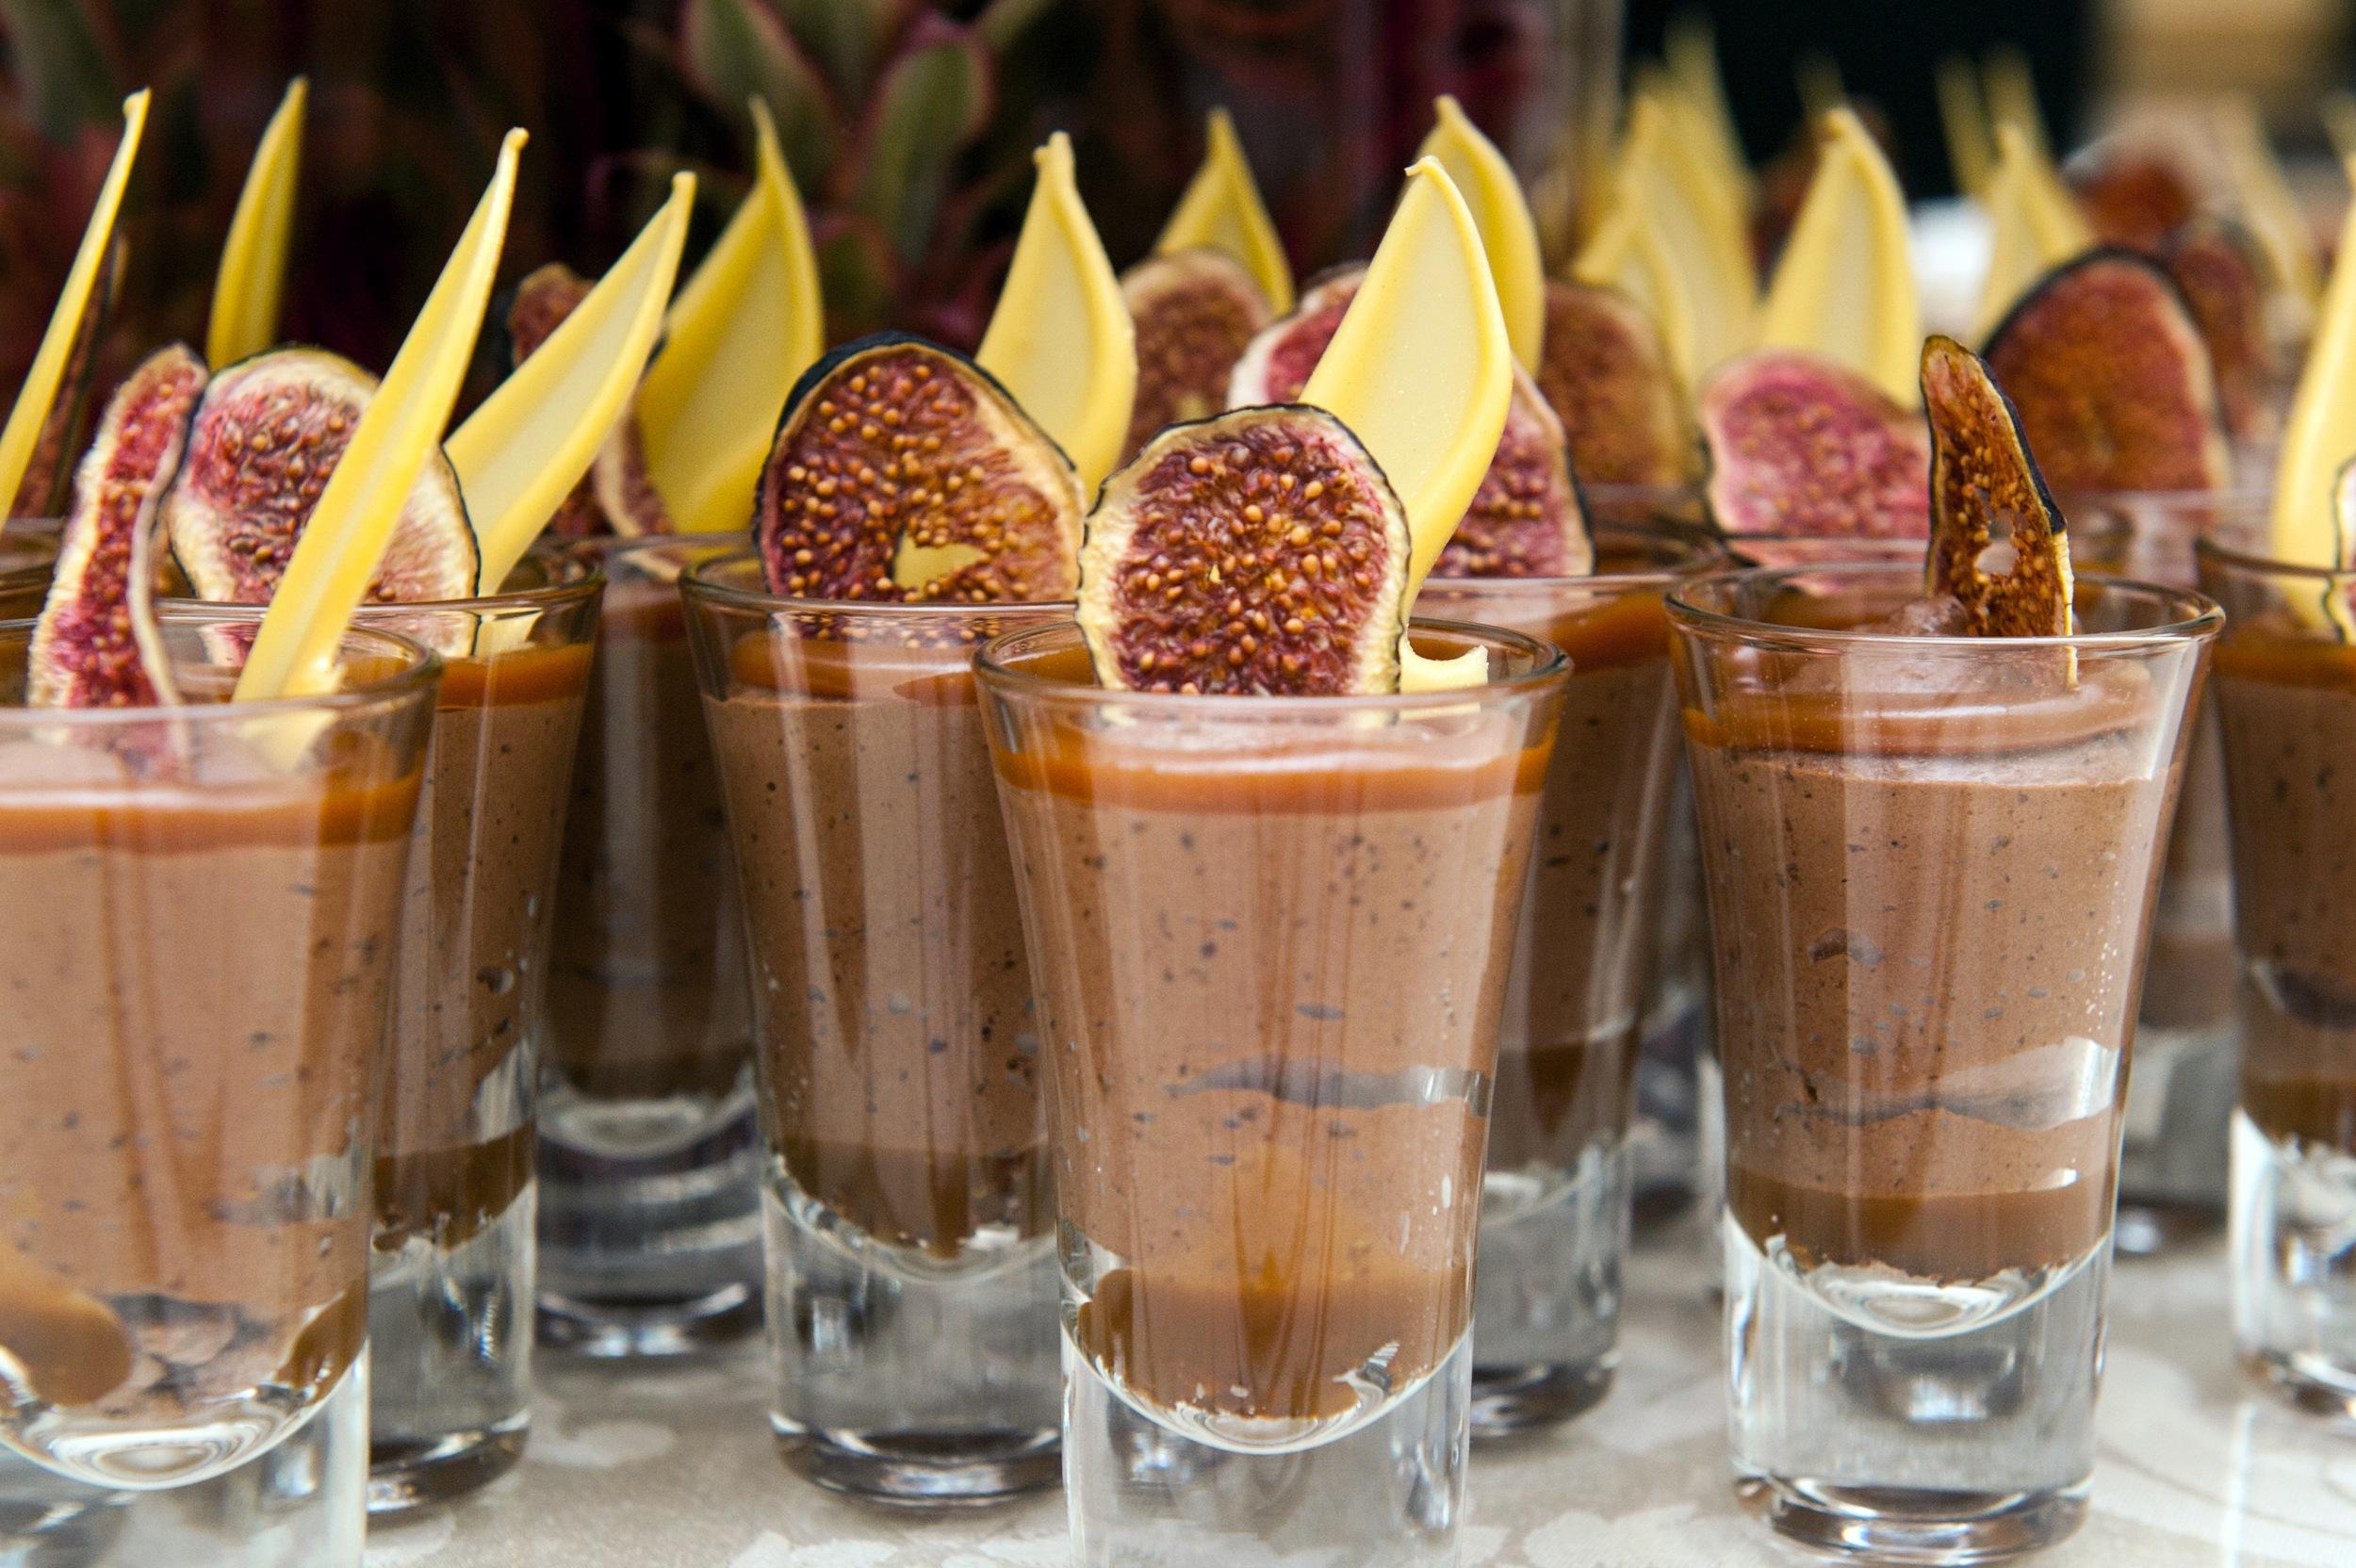 Mini puddings